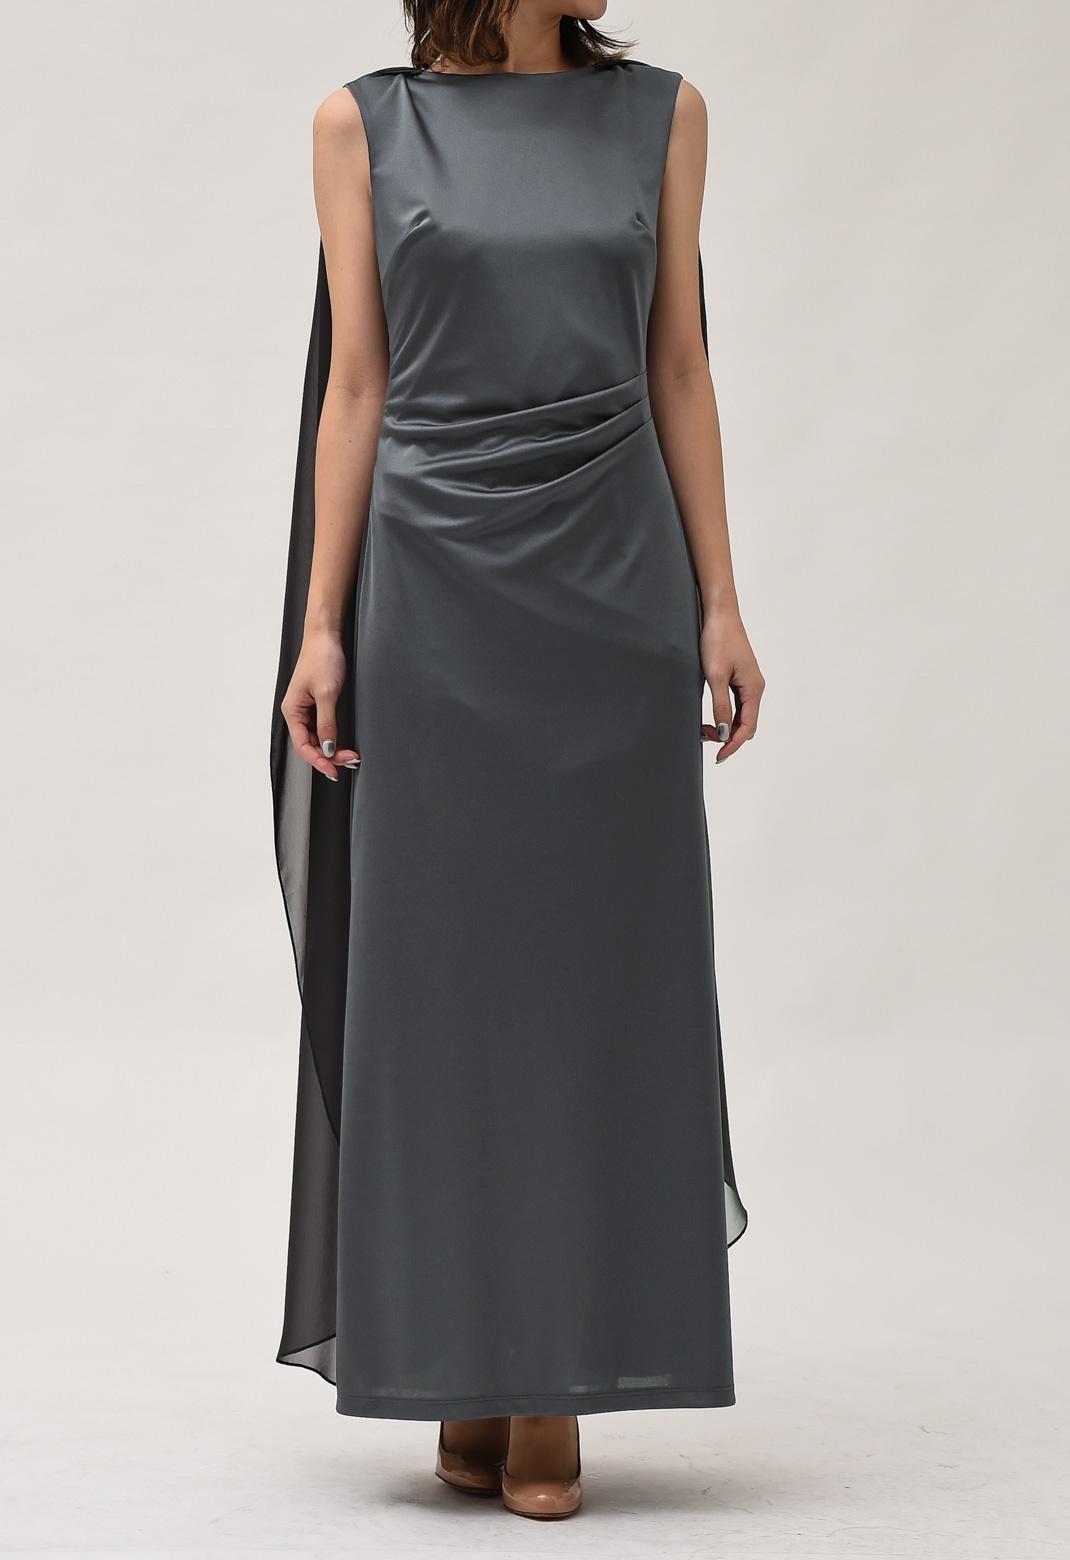 ケープ付き ストレッチ サテン ロング ドレス